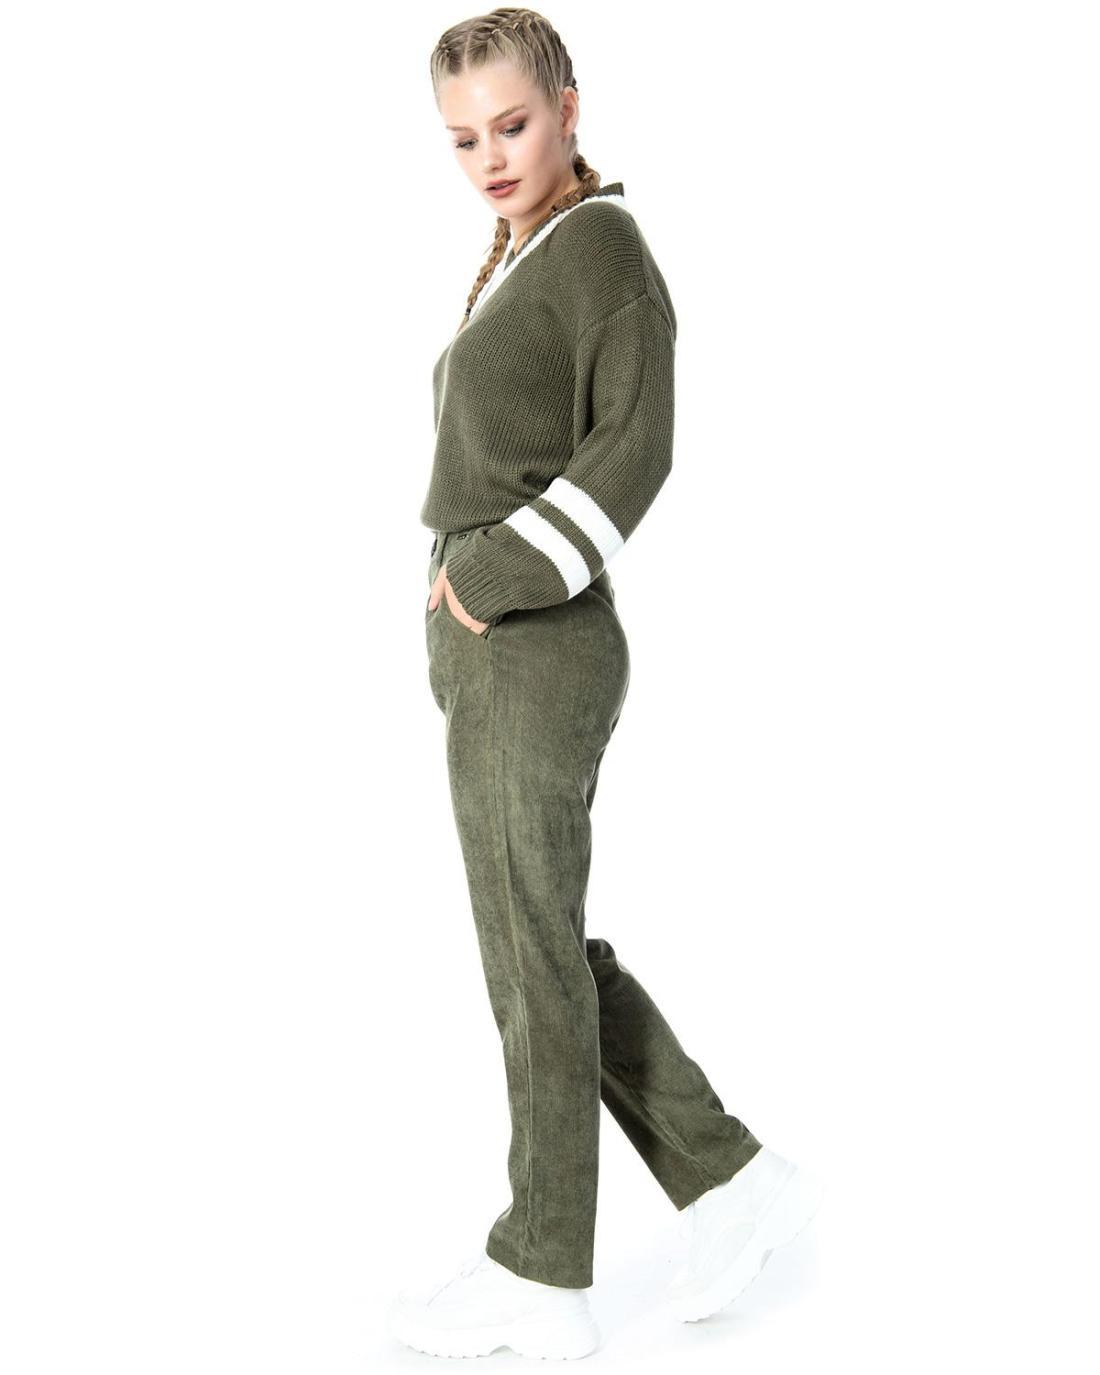 Khaki trousers